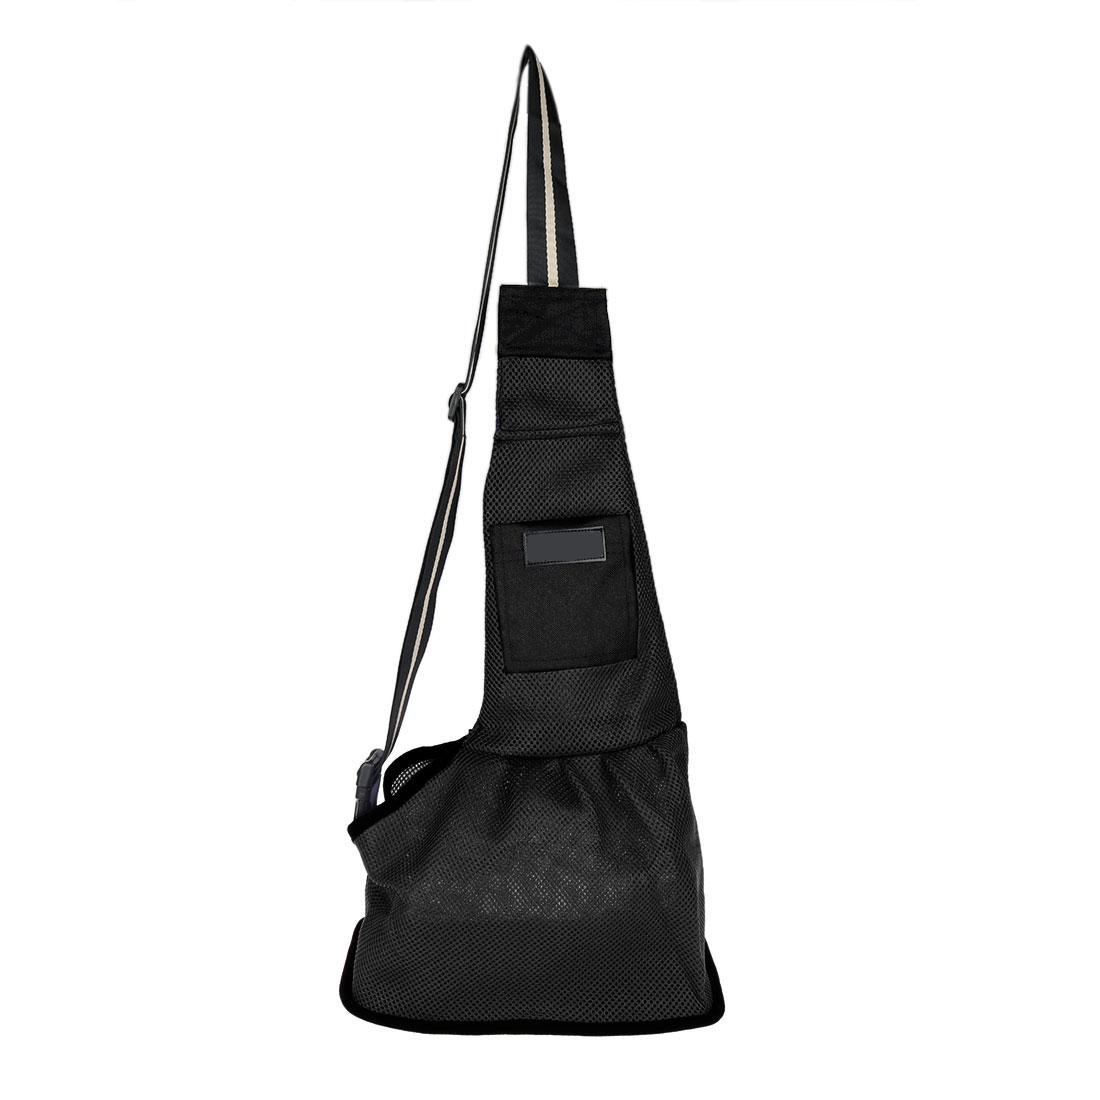 Travel Mesh Cloth Adjustable Single Shoulder Dog Cat Pet Carrier Bag Backpack Tote Black L